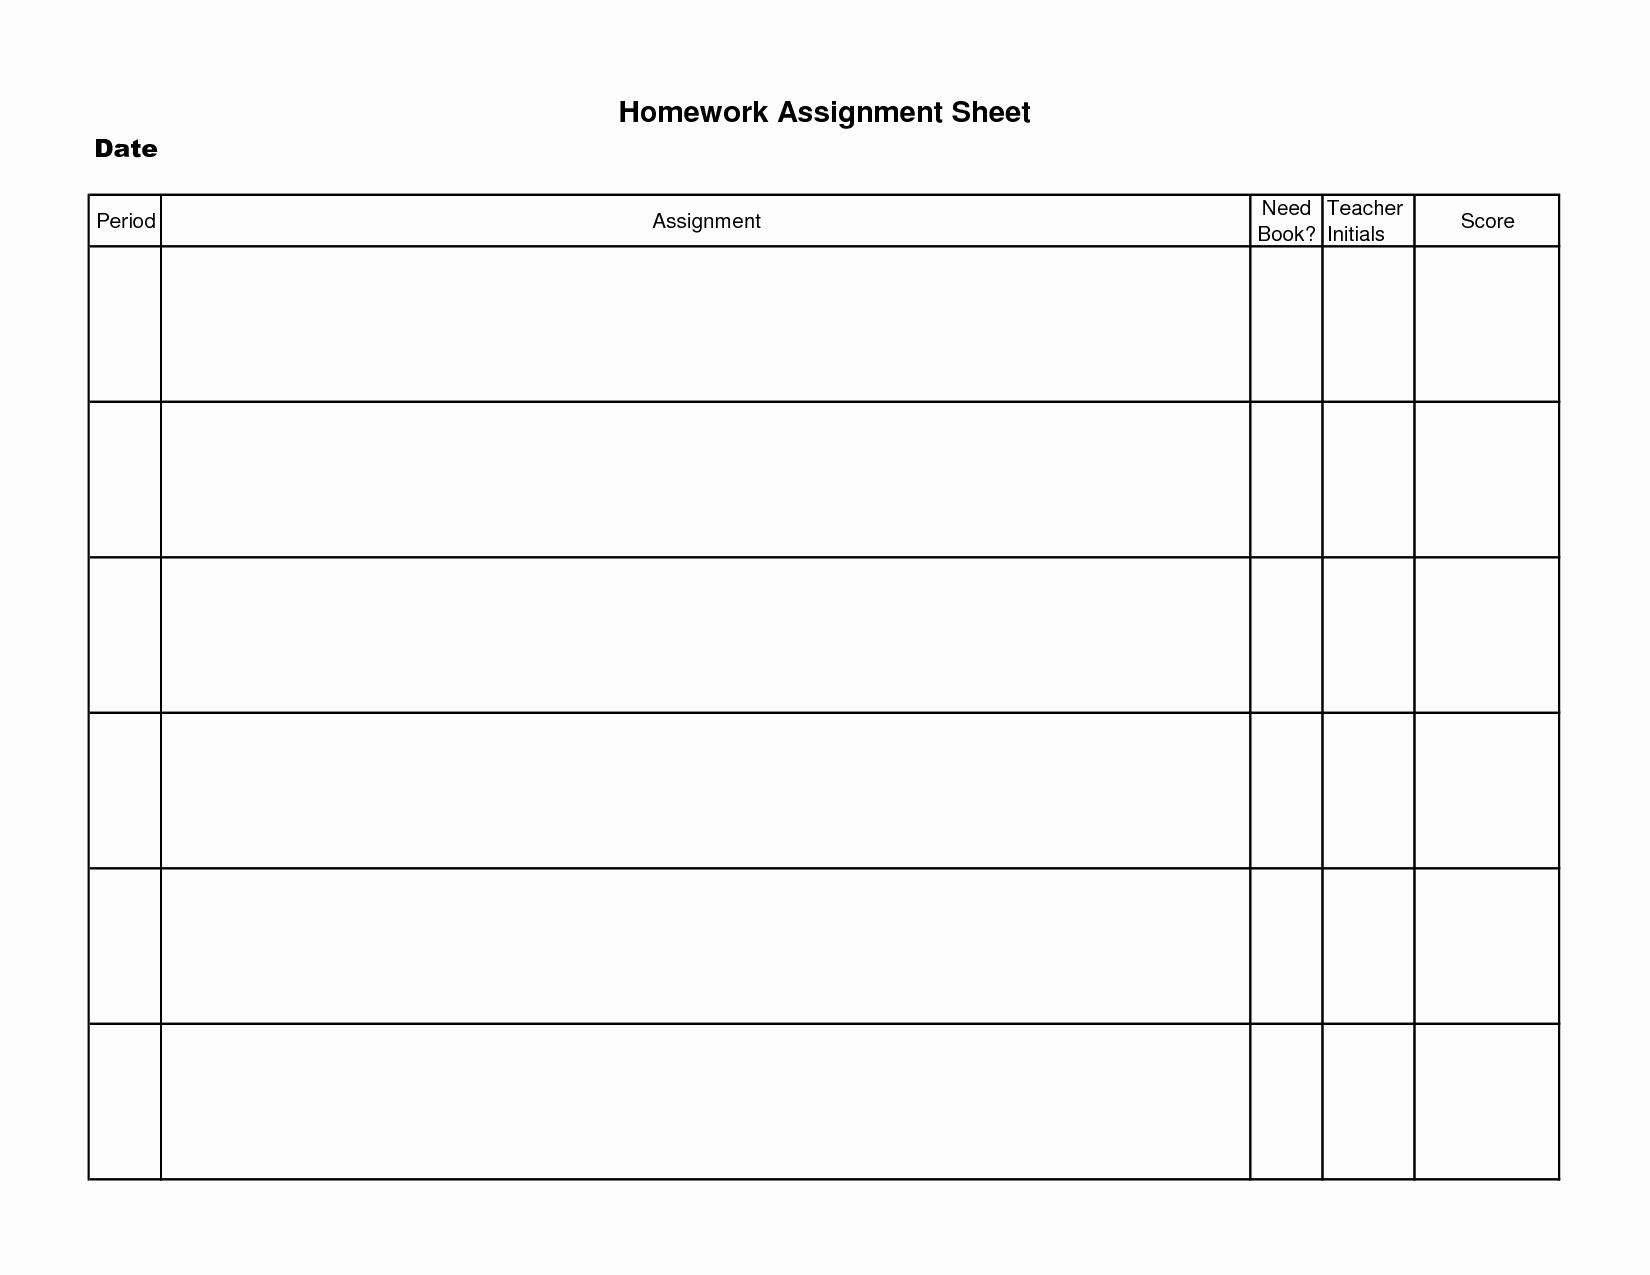 Weekly Homework assignment Sheet Template New 8 Best Of Student Homework Sheet Template Printable